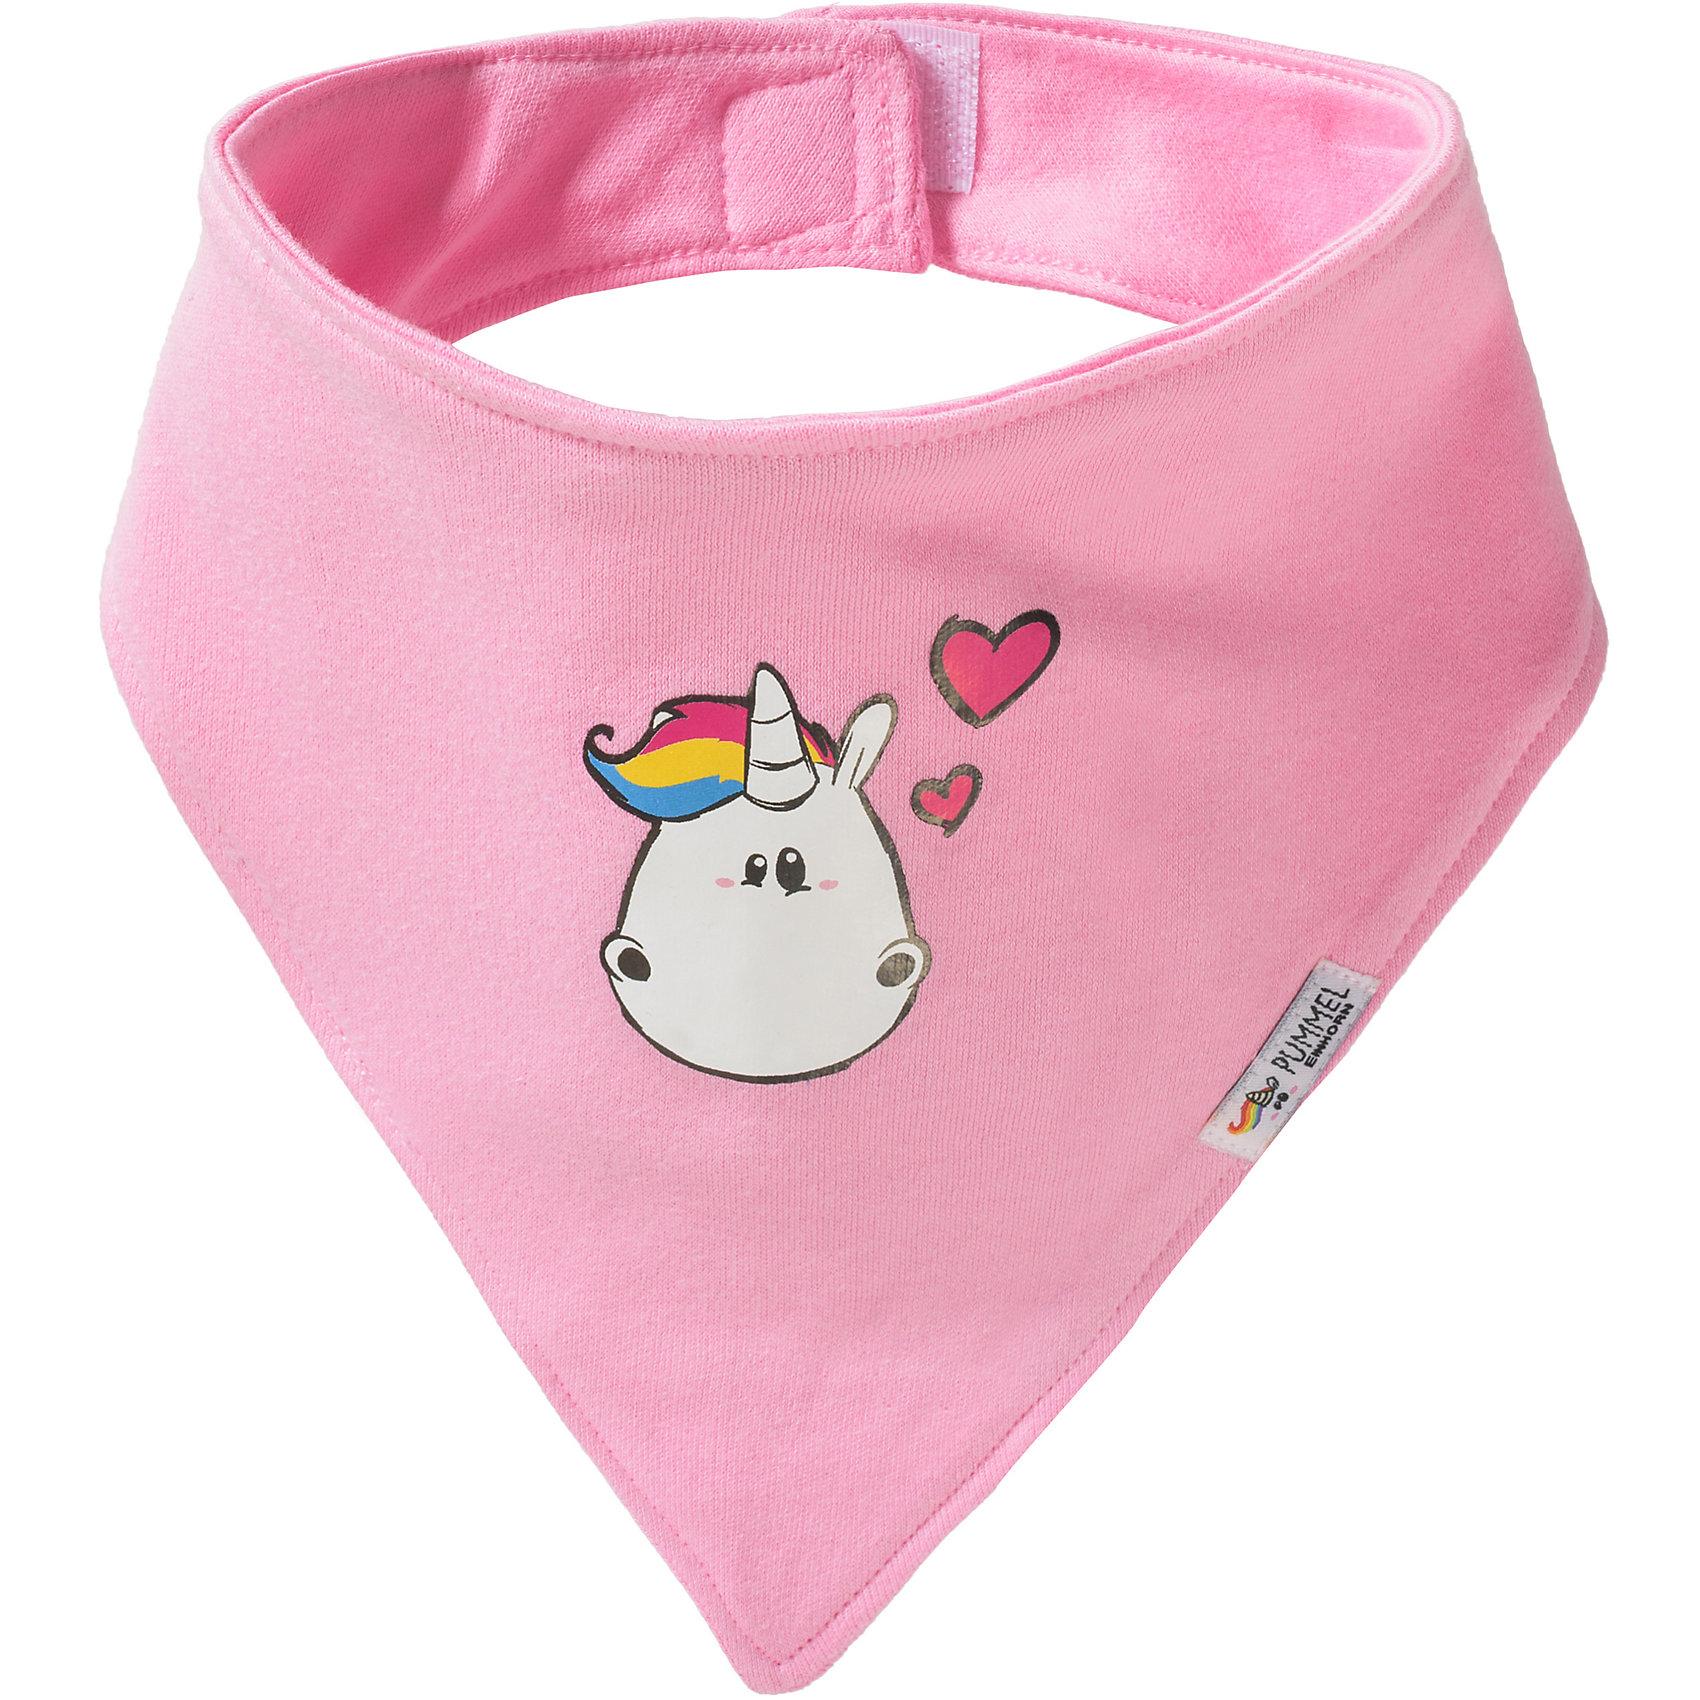 Neu Pummeleinhorn Baby Dreieckstücher Doppelpack für Mädchen 7263919 für Mädchen